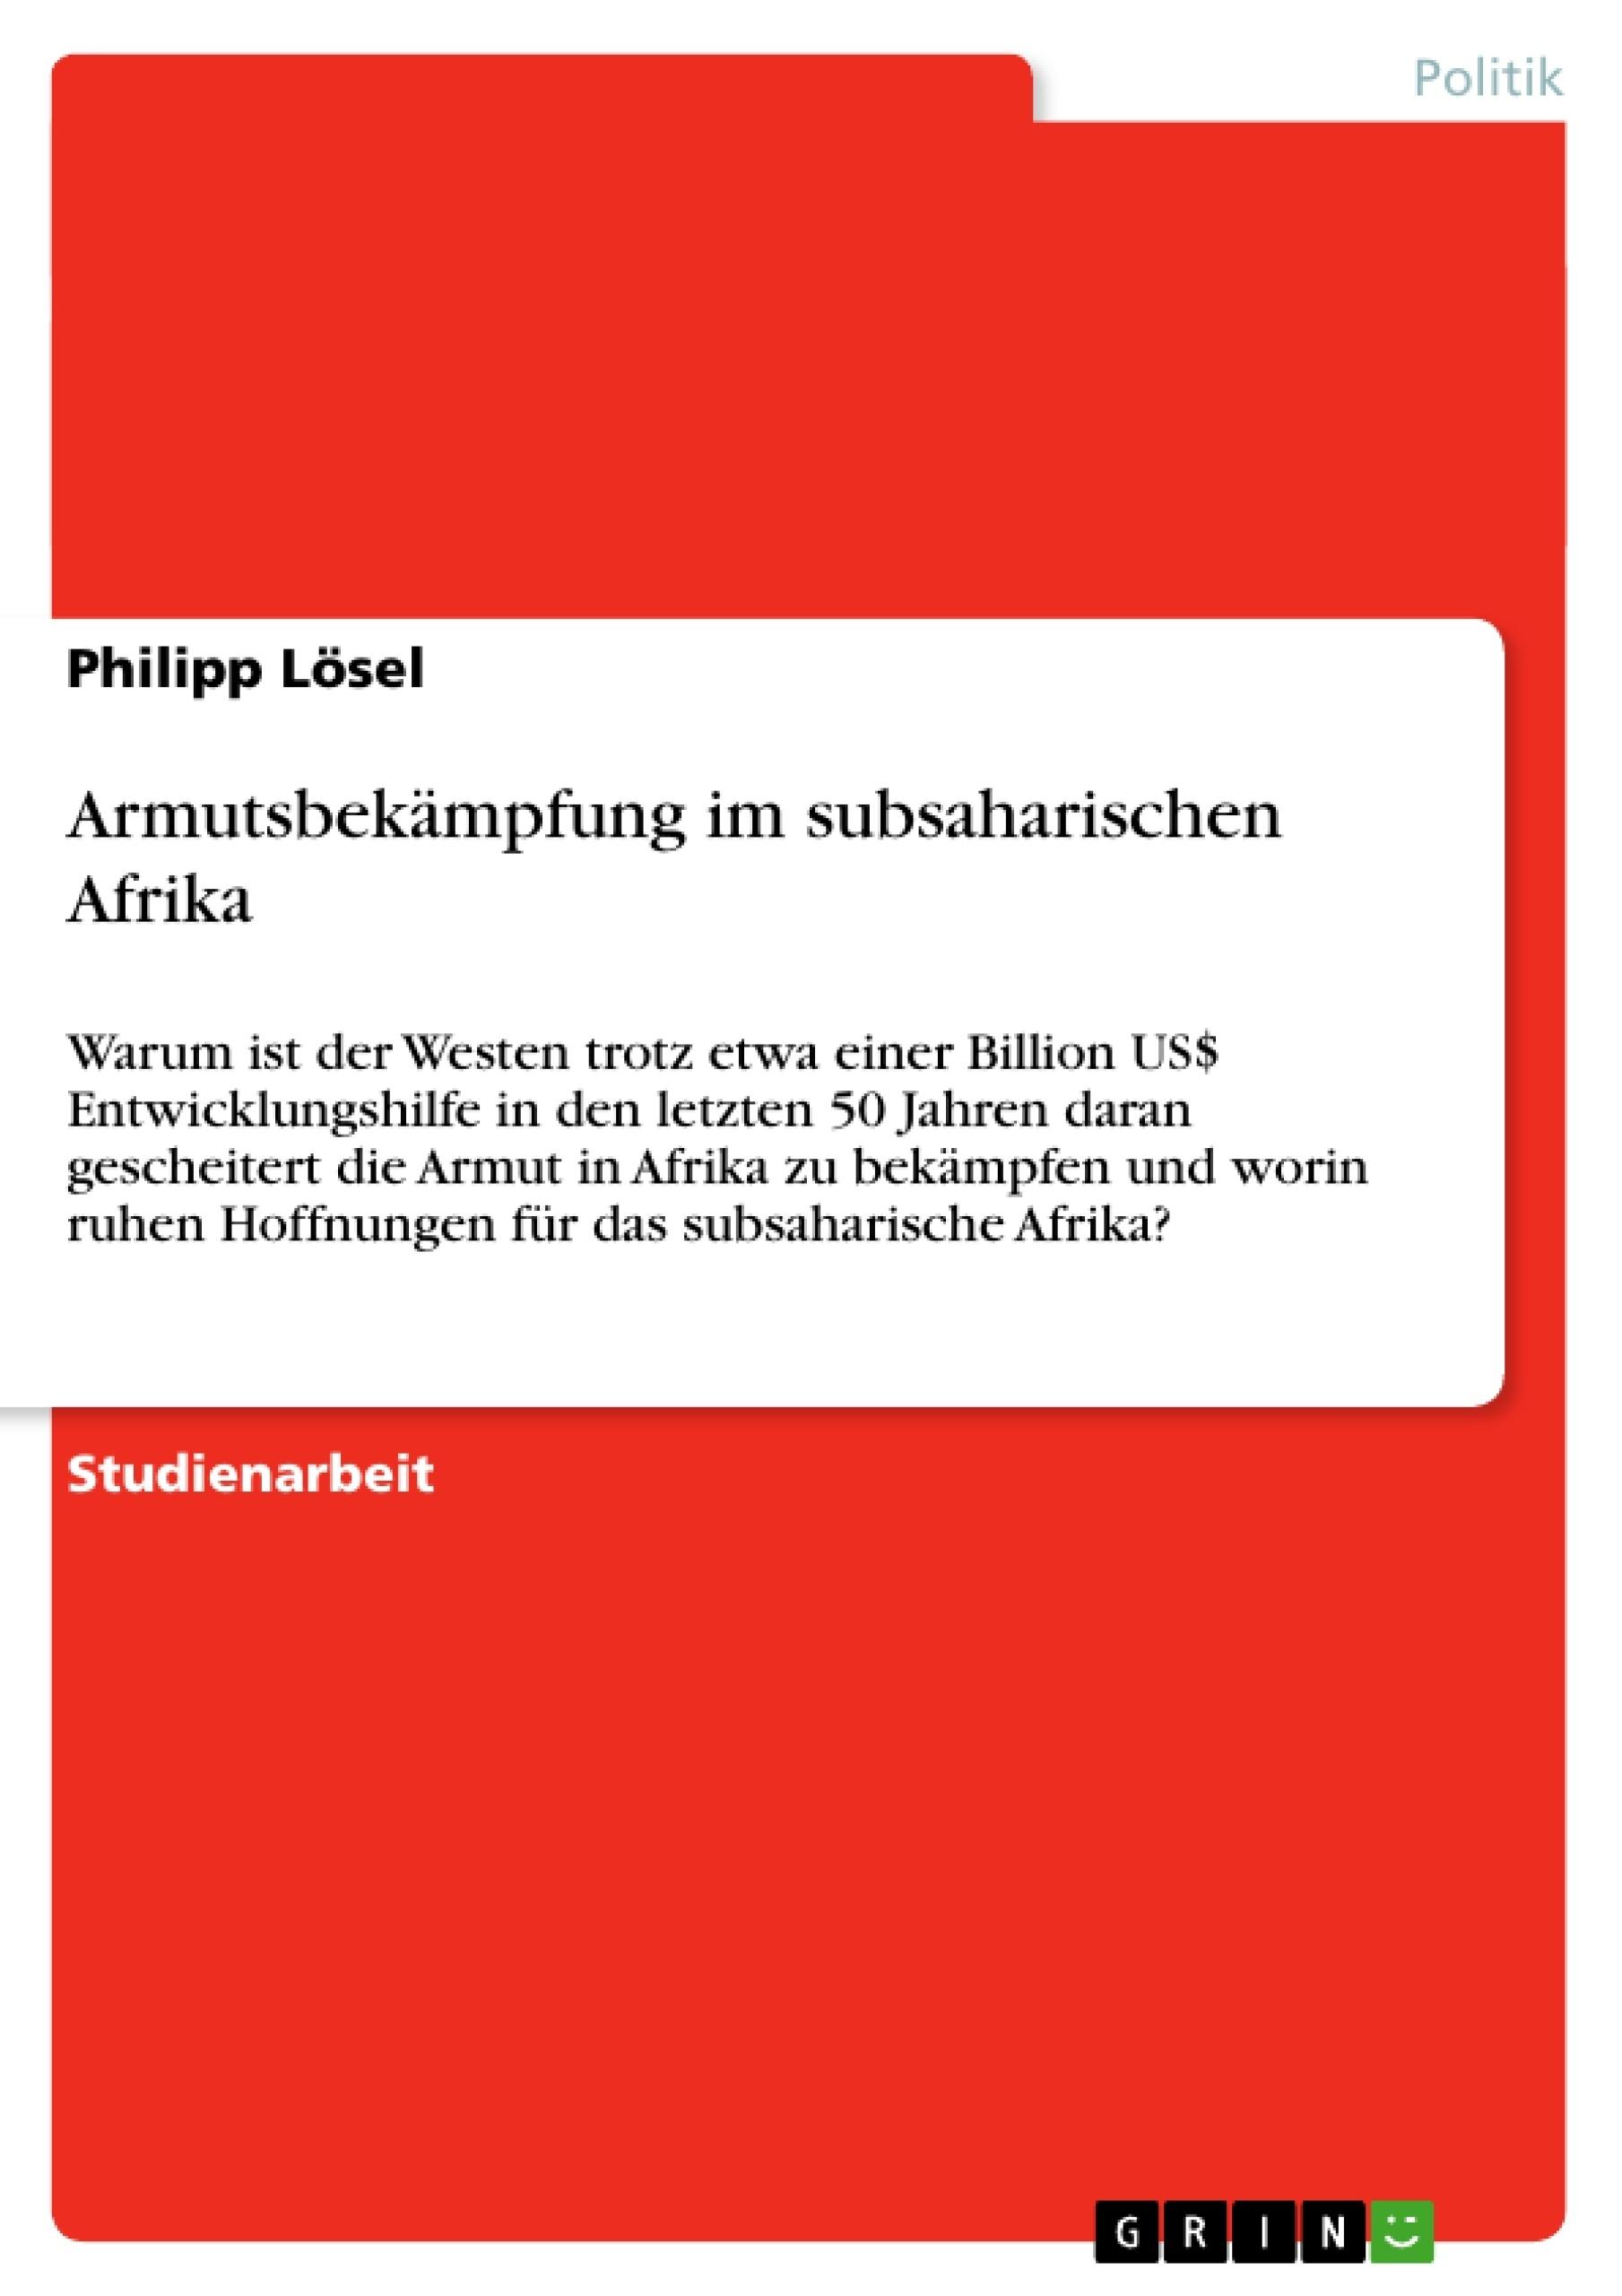 Titel: Armutsbekämpfung im subsaharischen Afrika